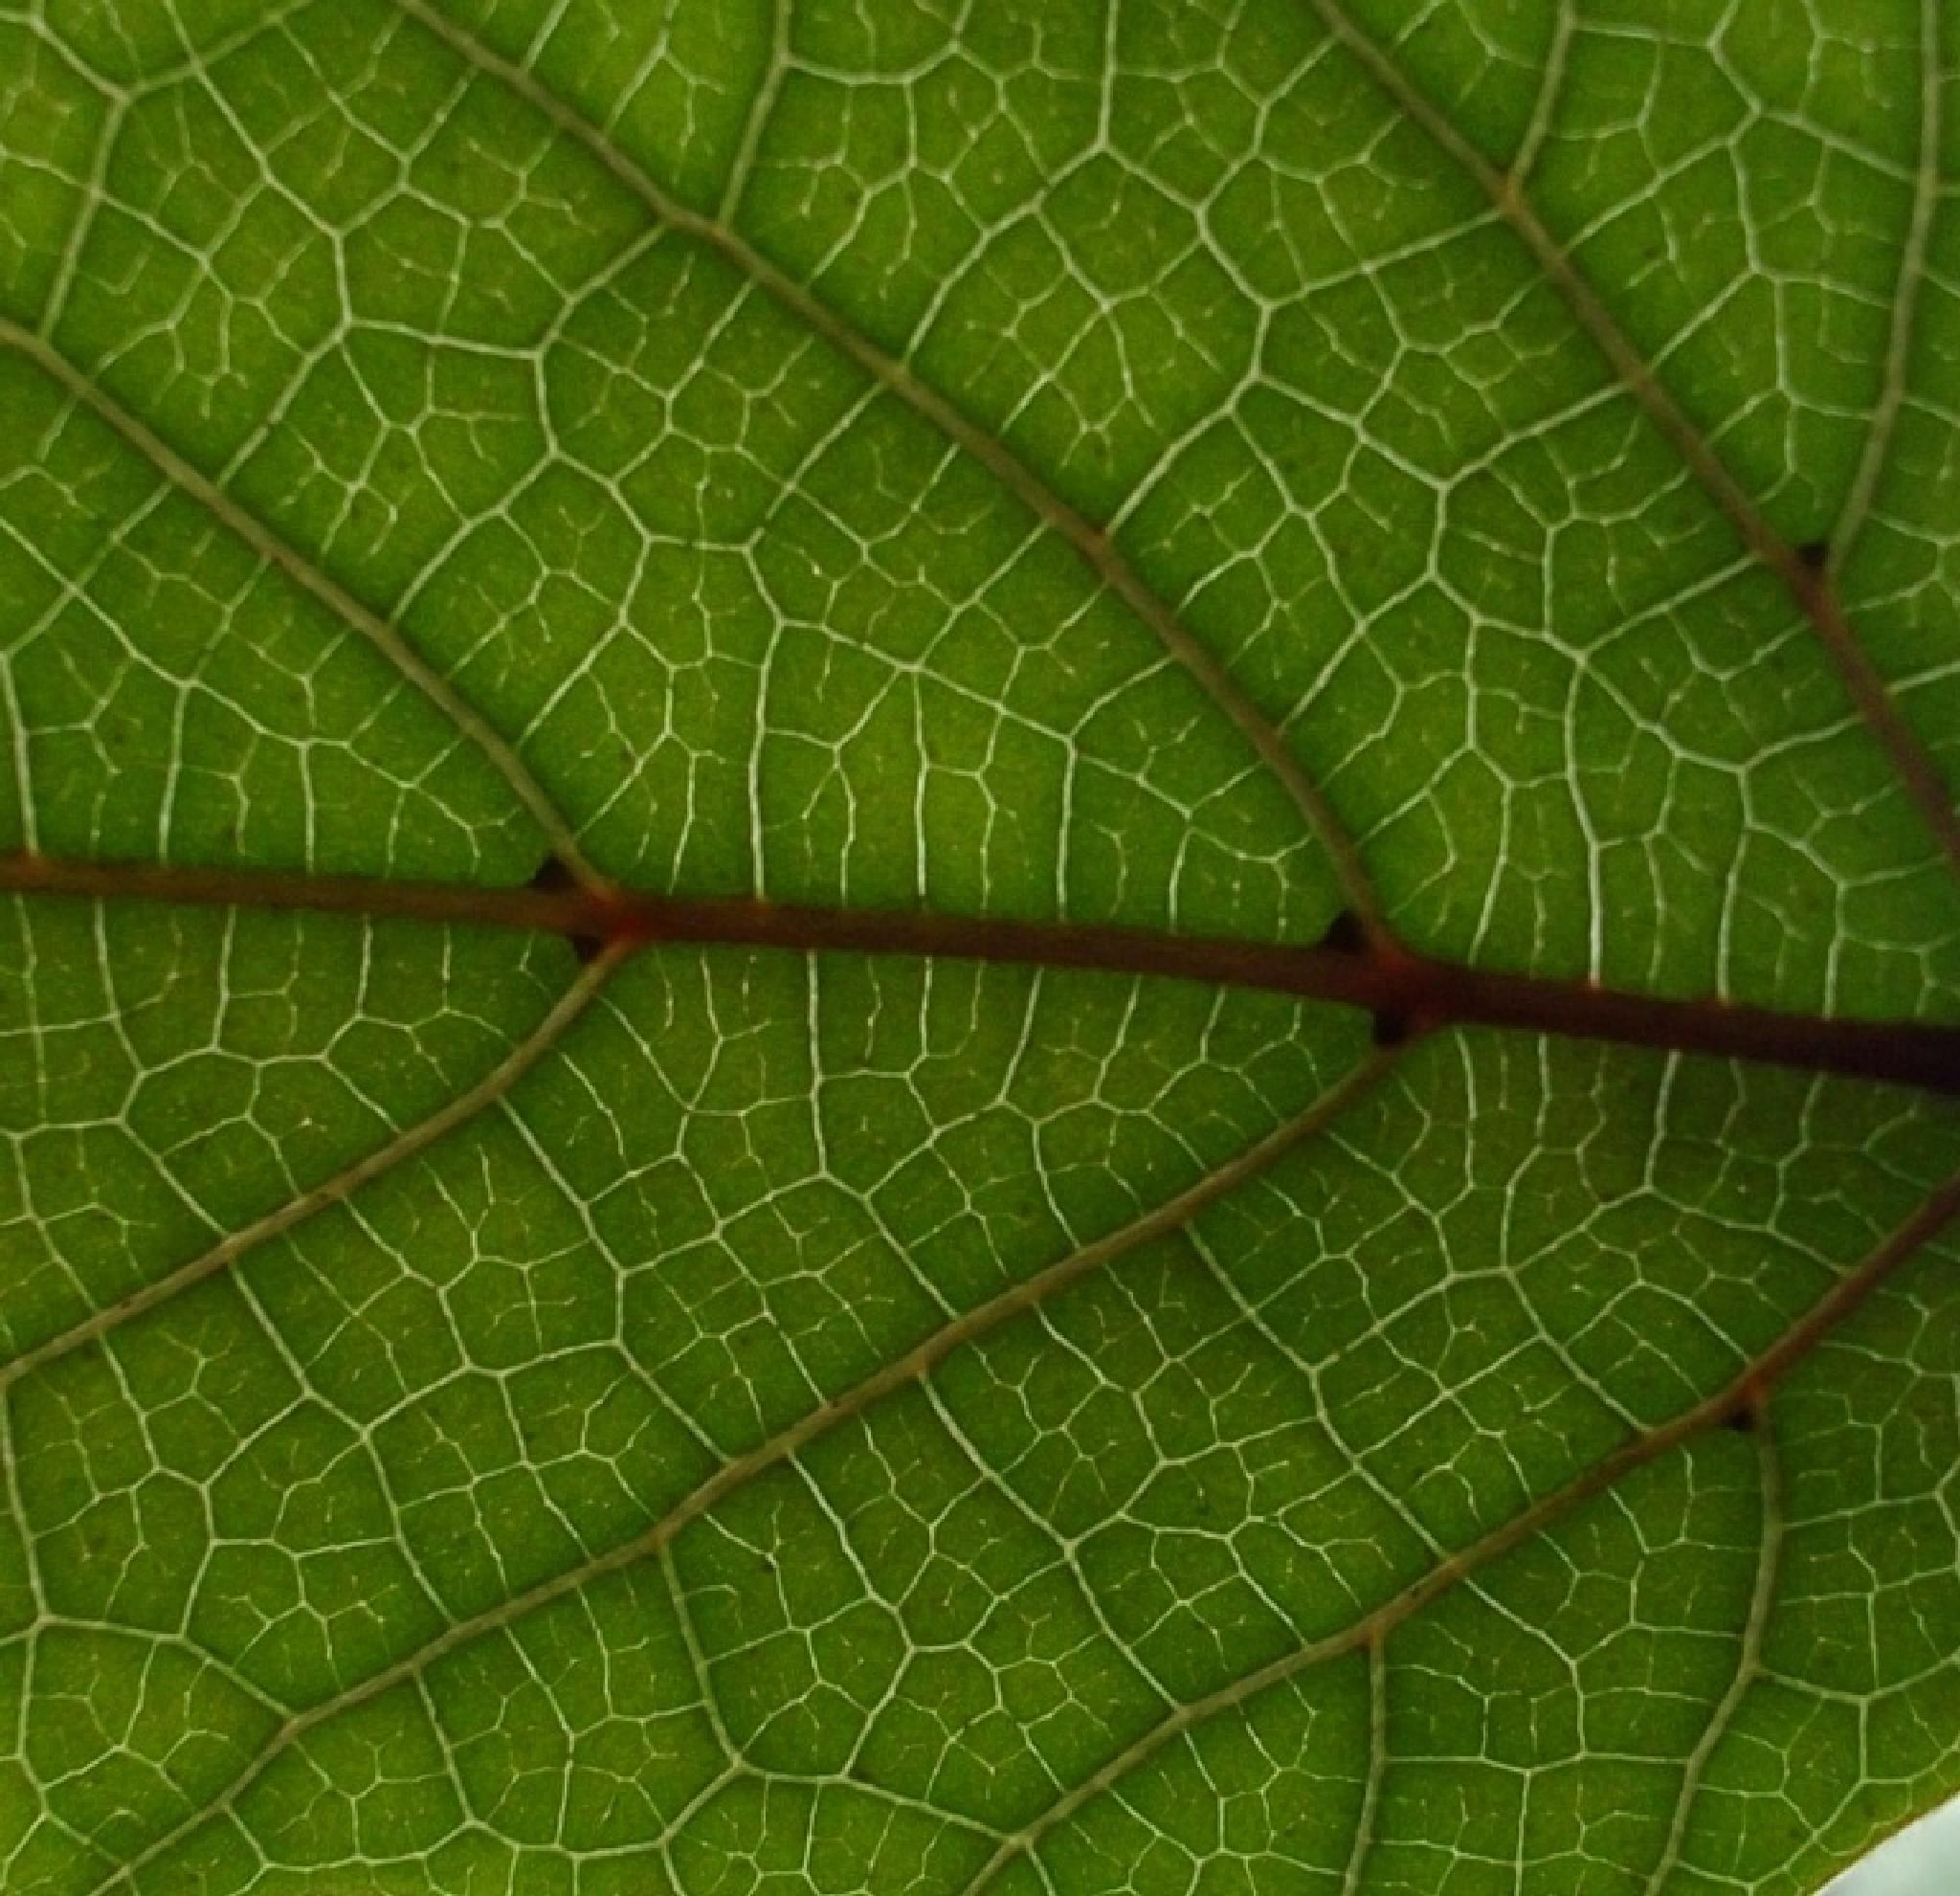 Russischer Wein Macro  (Cissus rhombifolia) by Oliver Neumann